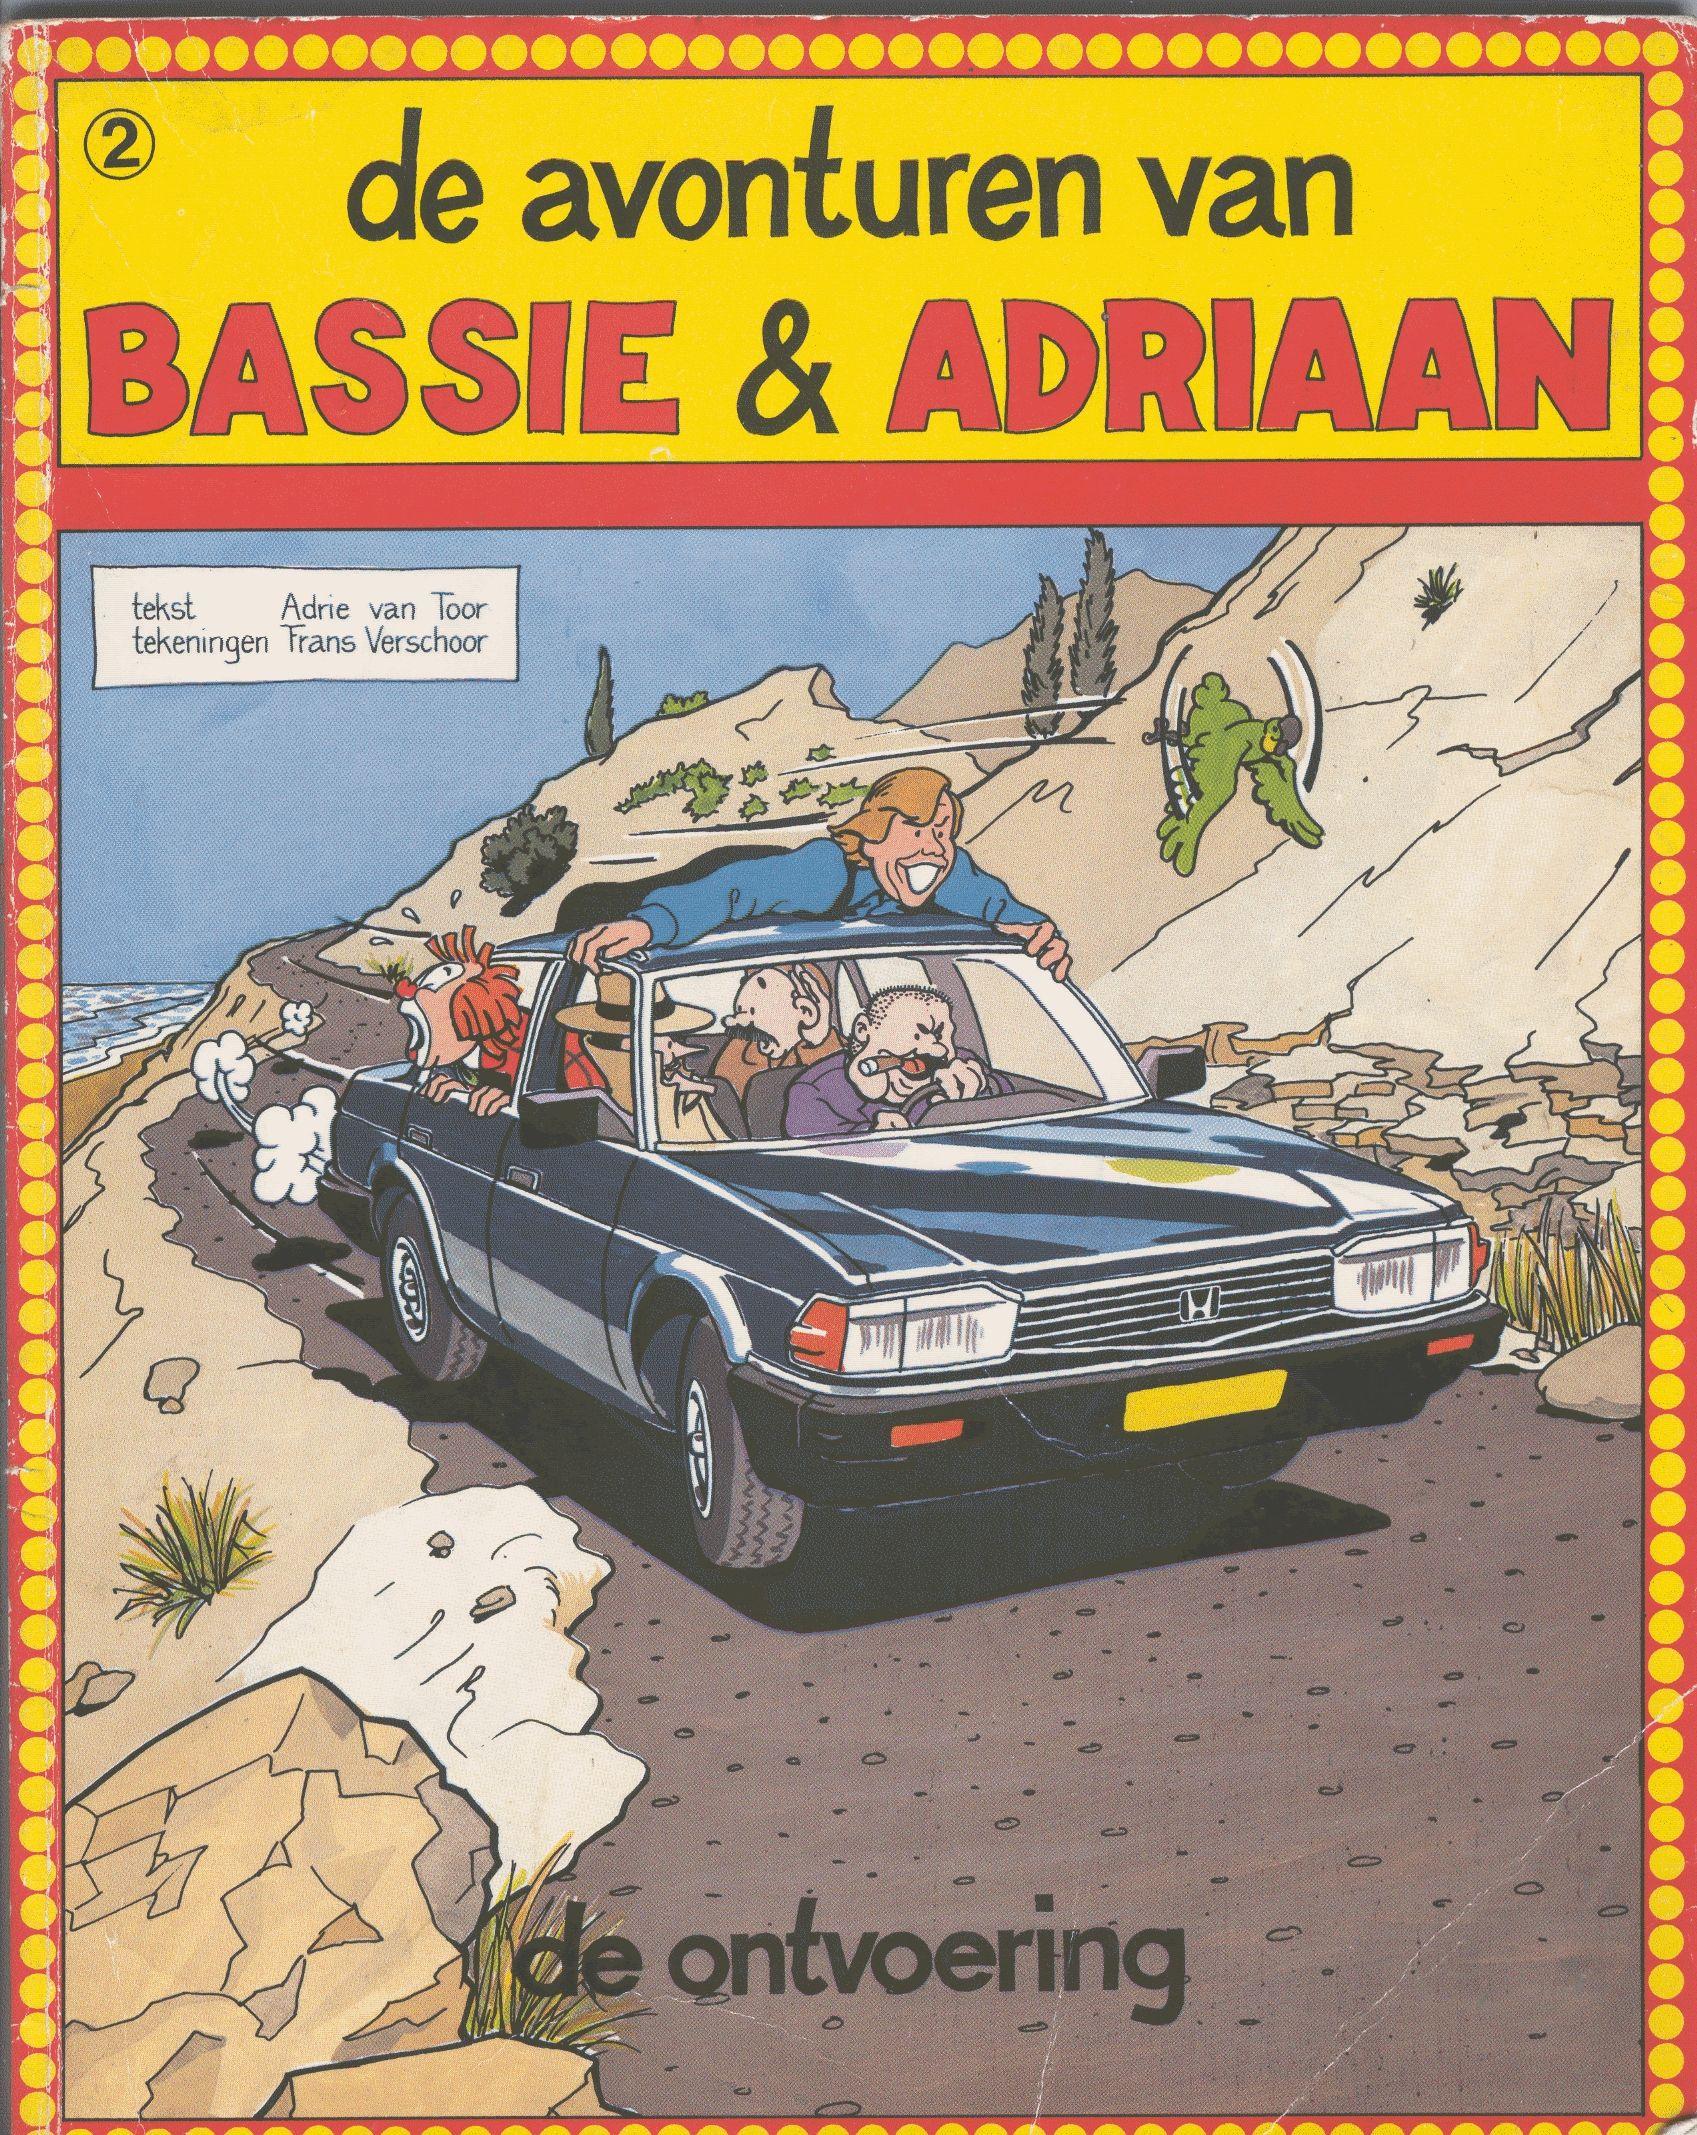 Wist niet dat er überhaupt stripberhalen waren gemaakt met de vervelende clown Bassie en mijn jeugdheld Adriaan in de hoofdrol tot dat ik dit album tweede hands vond. Net als de tv-serie ook geschreven door Adriaan en best wel een leuke kinderstrip.